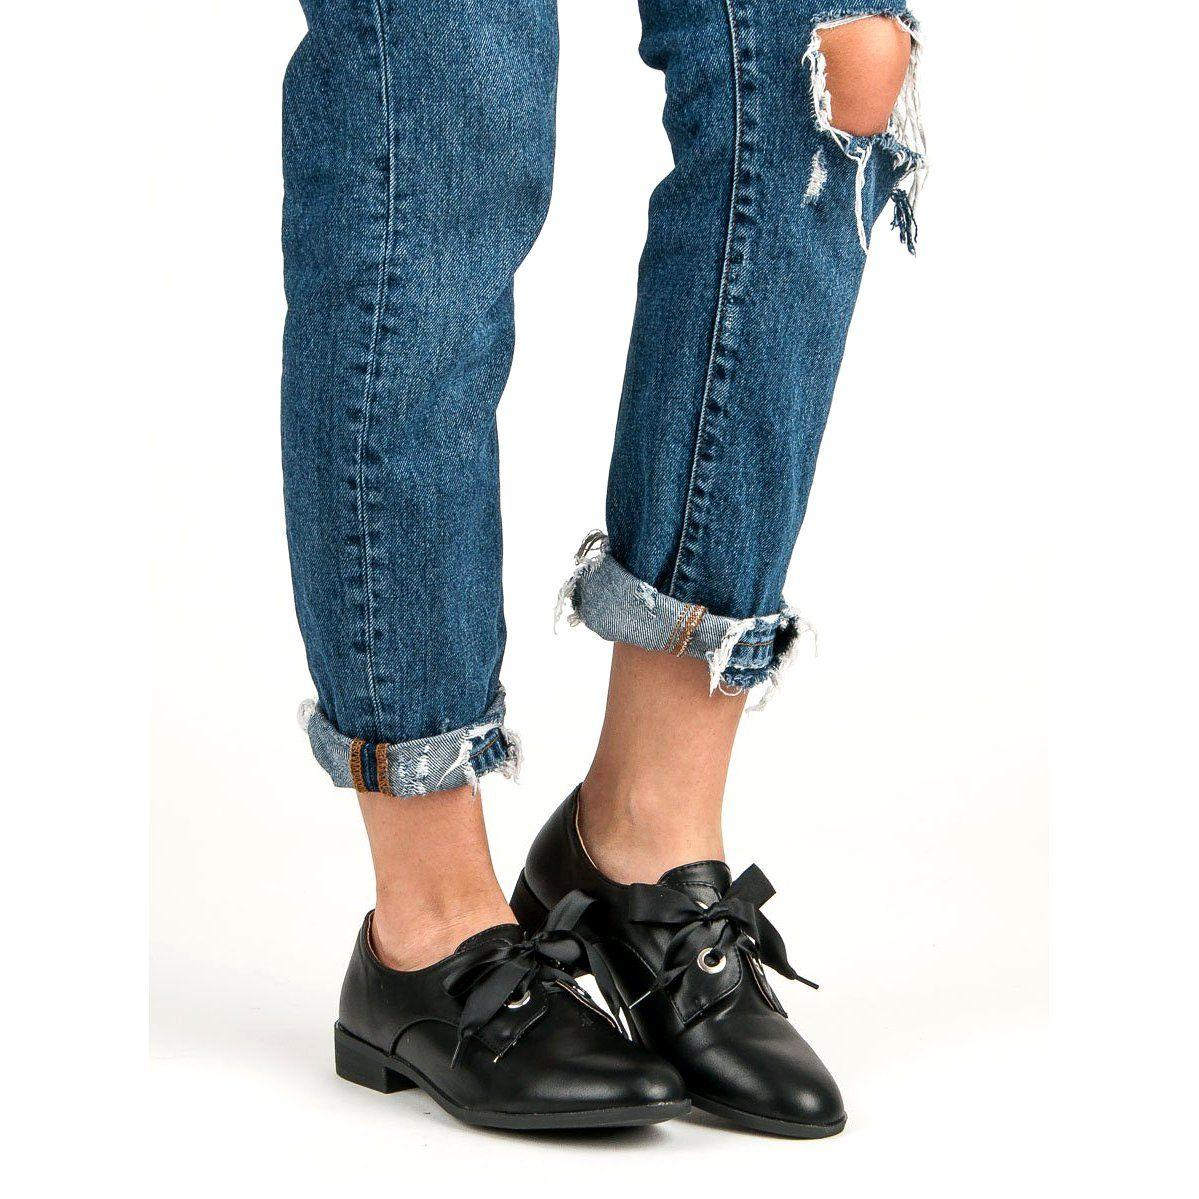 Tina Co Wiazane Polbuty Czarne Womens Oxfords Oxford Shoes Tina